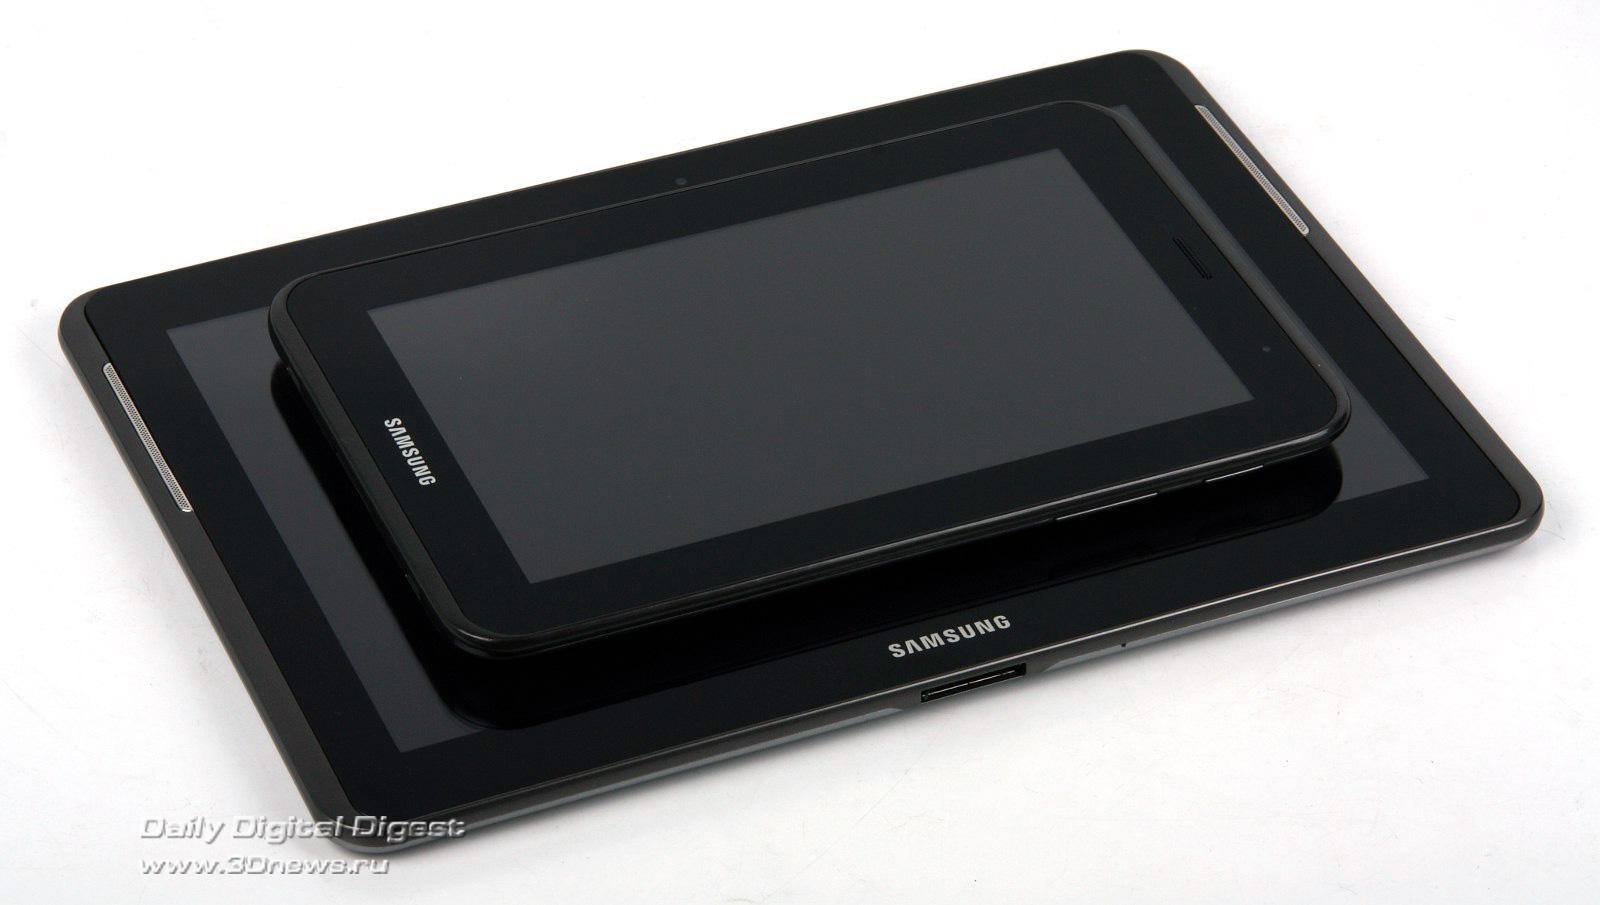 планшет самсунг галакси ноте н8000 64 гб инструкция скачать